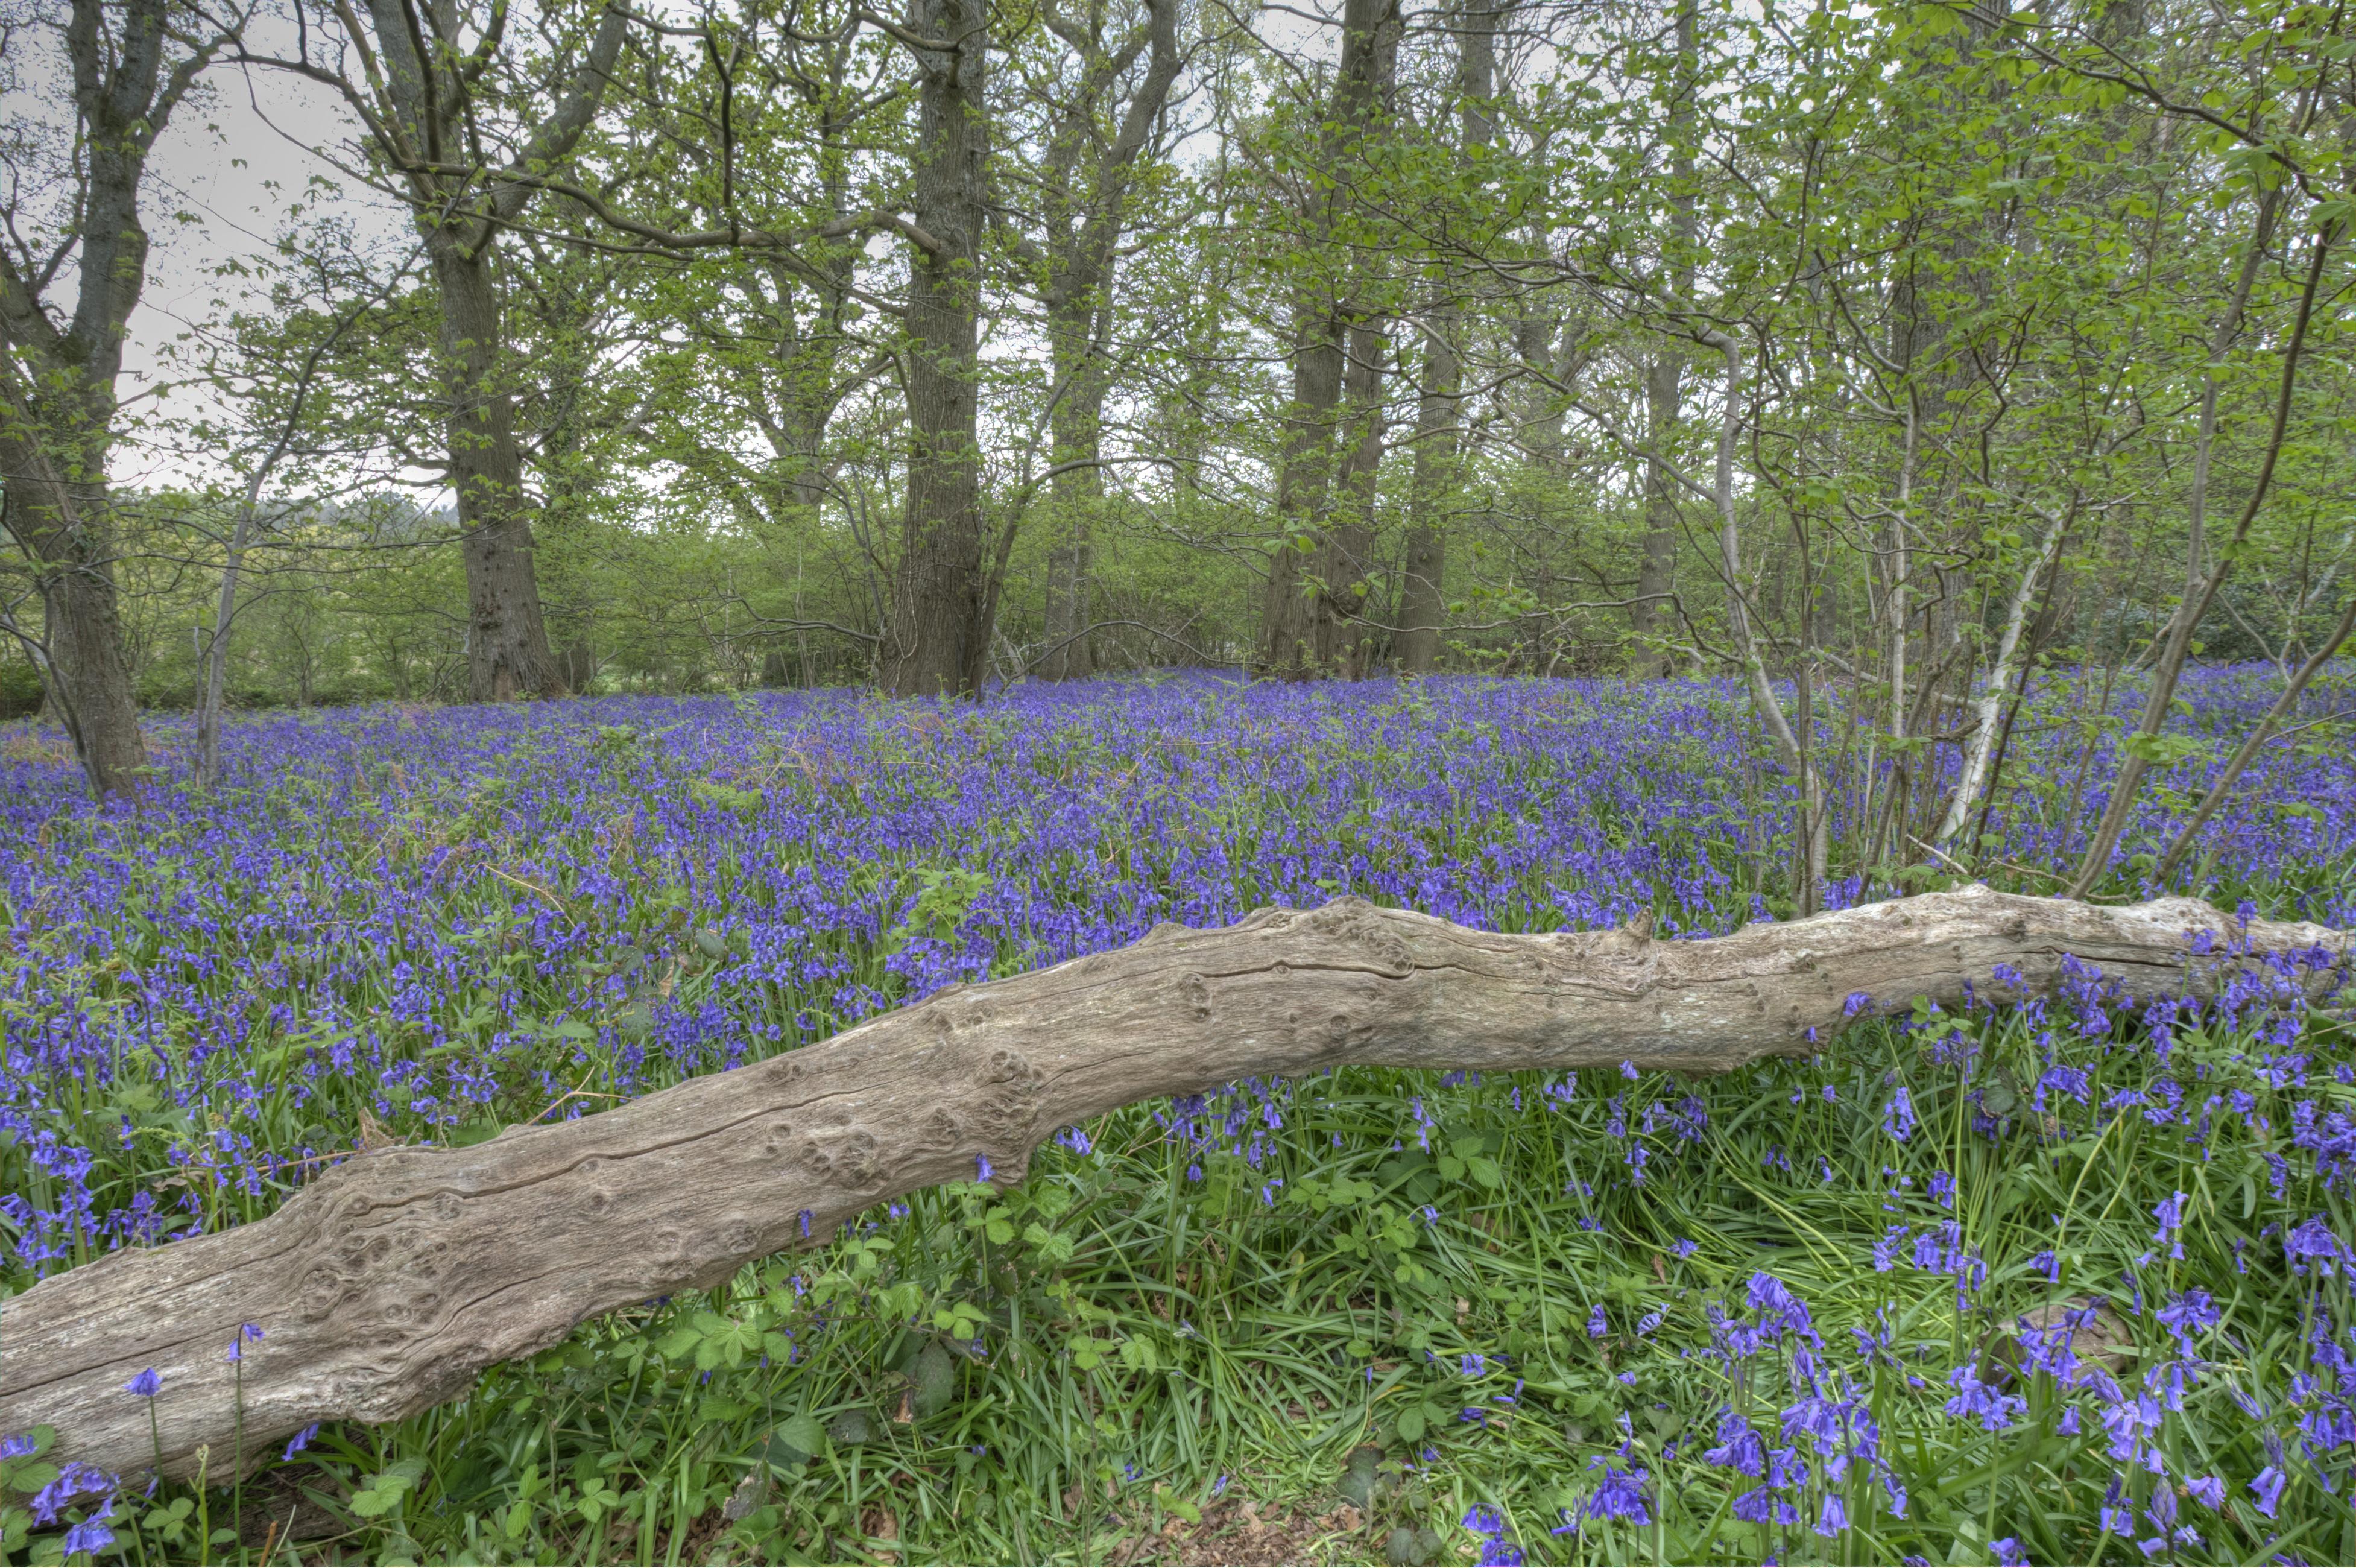 Spring, Pamphill